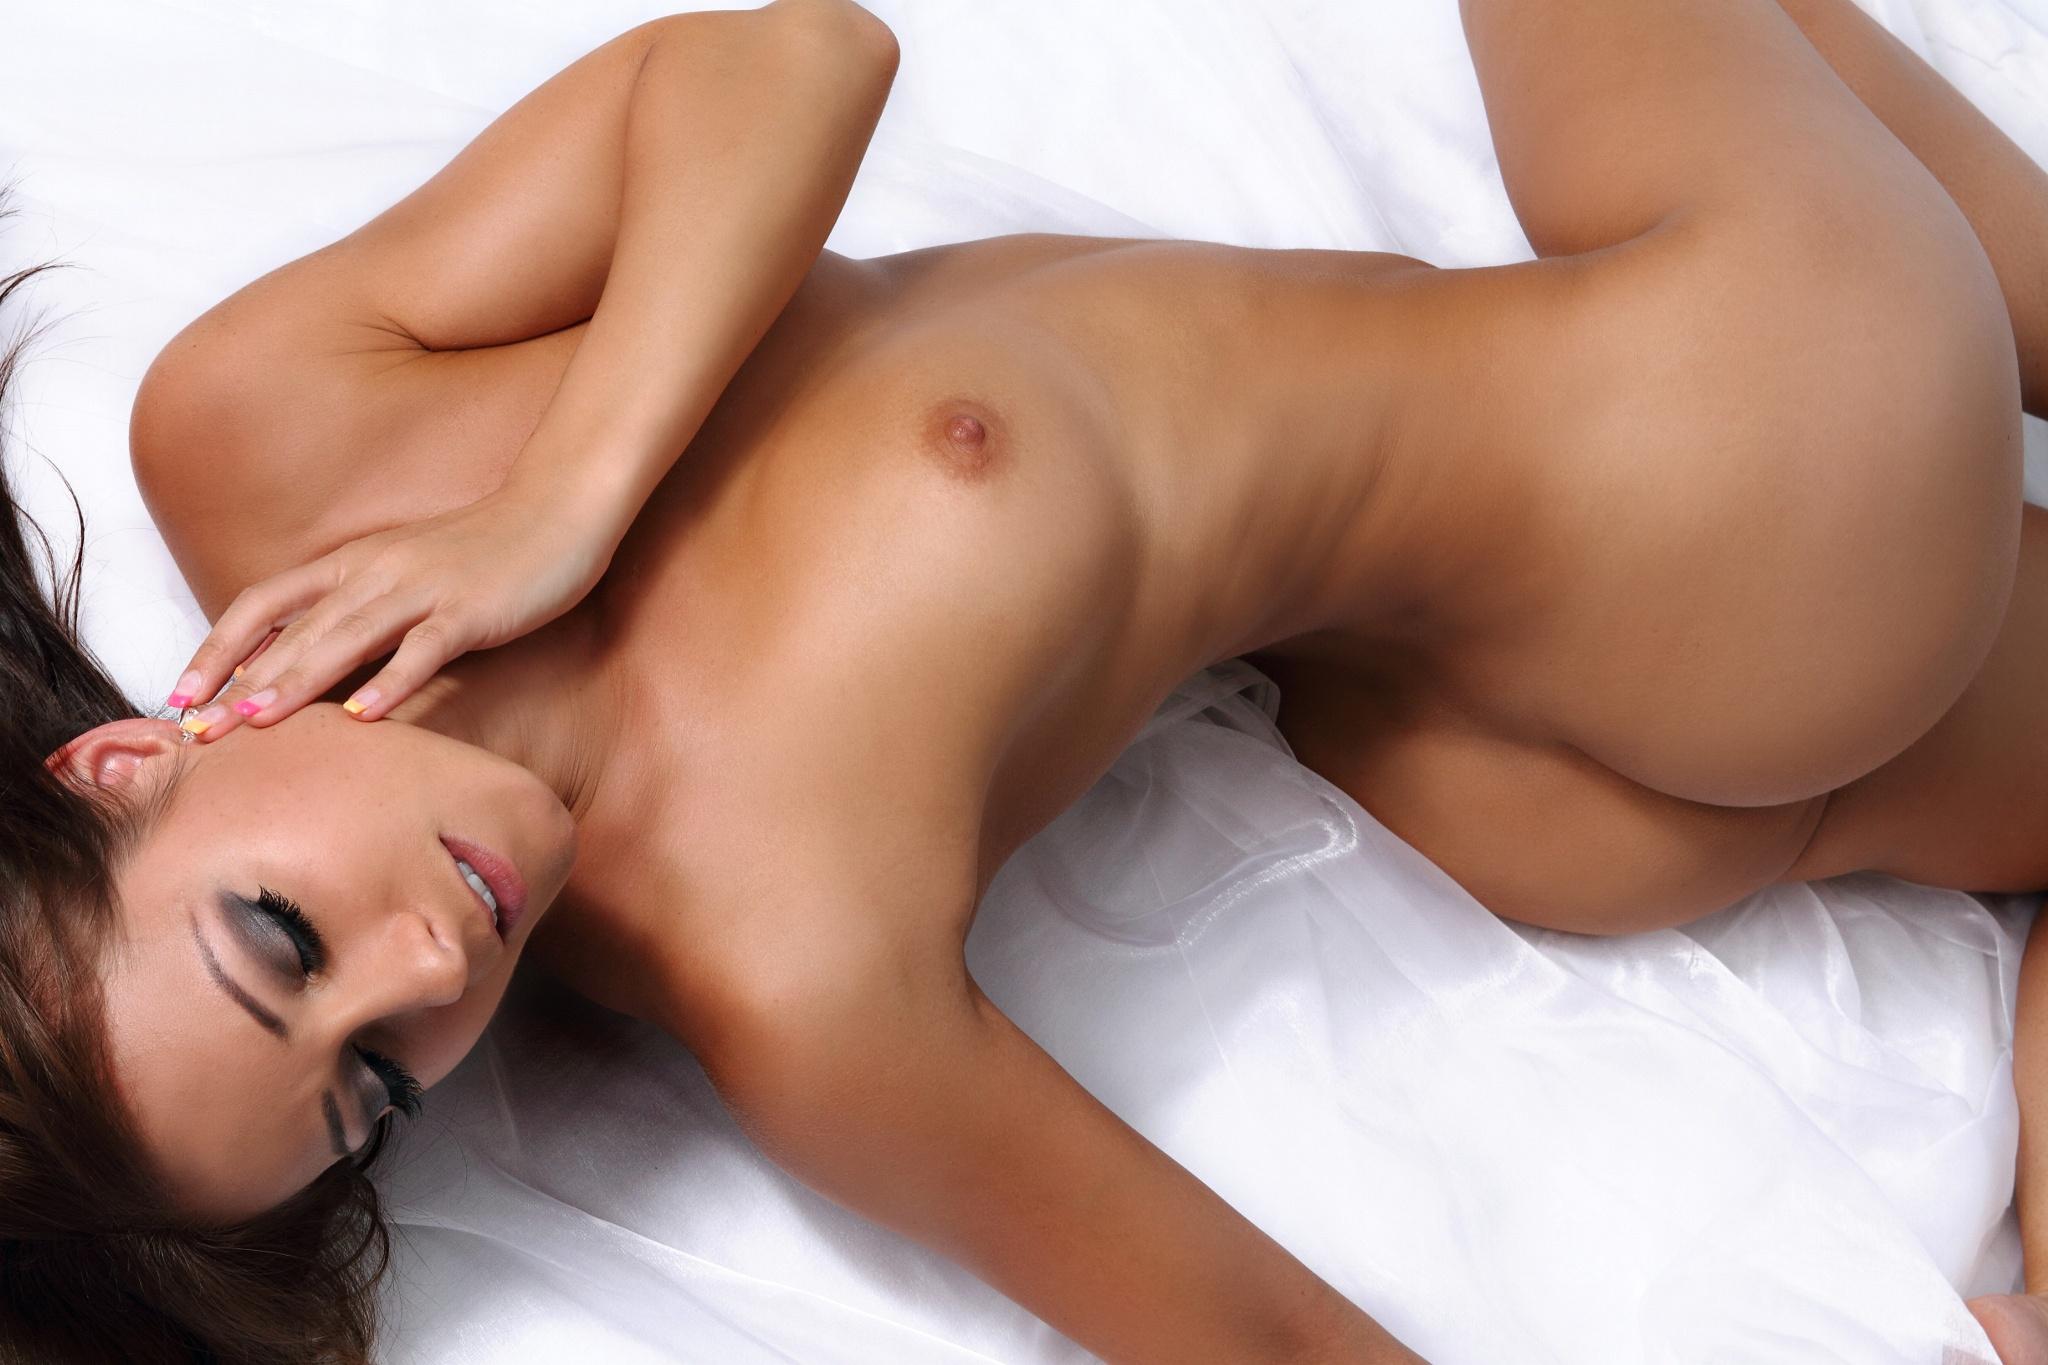 Эротика с красавица, Порно Красивый секс -видео. Смотреть порно онлайн! 21 фотография